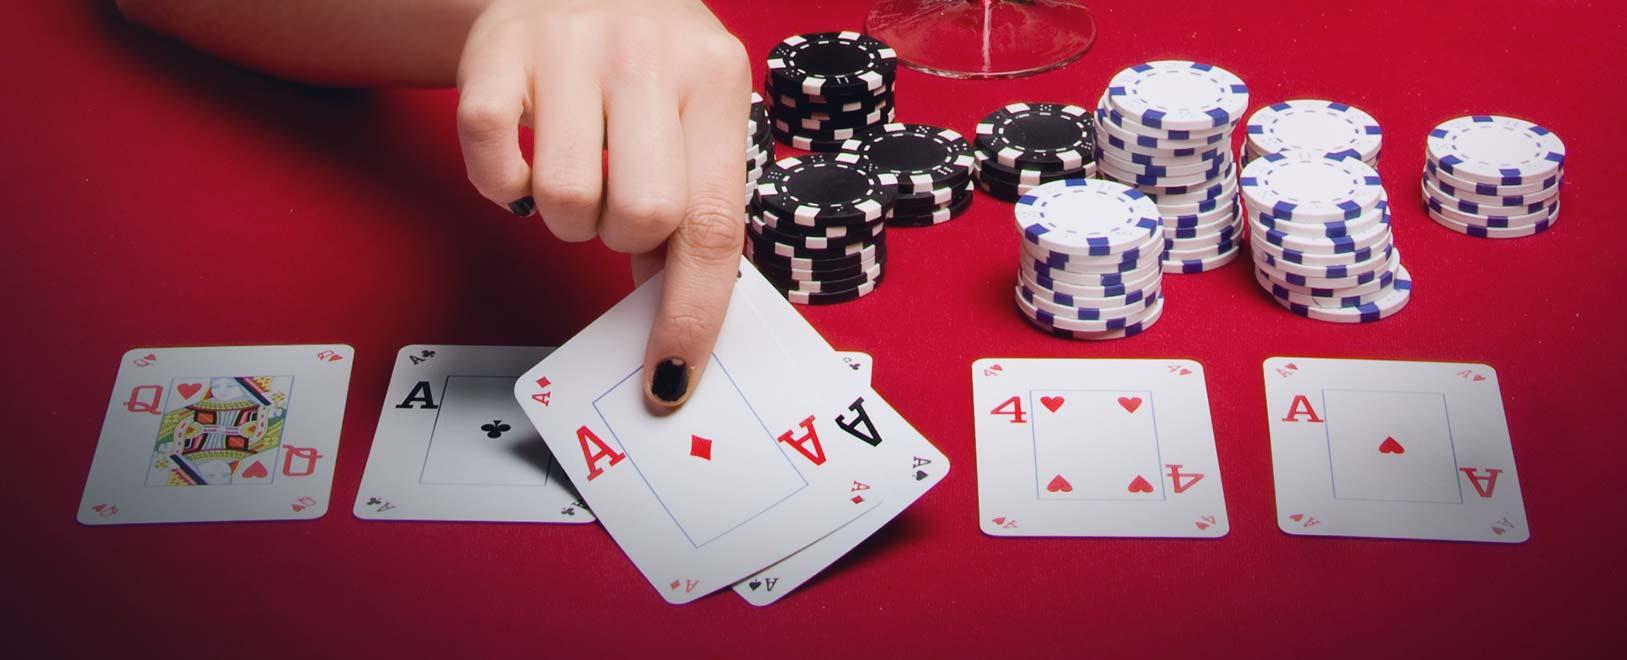 Poker Cash Games for Beginners